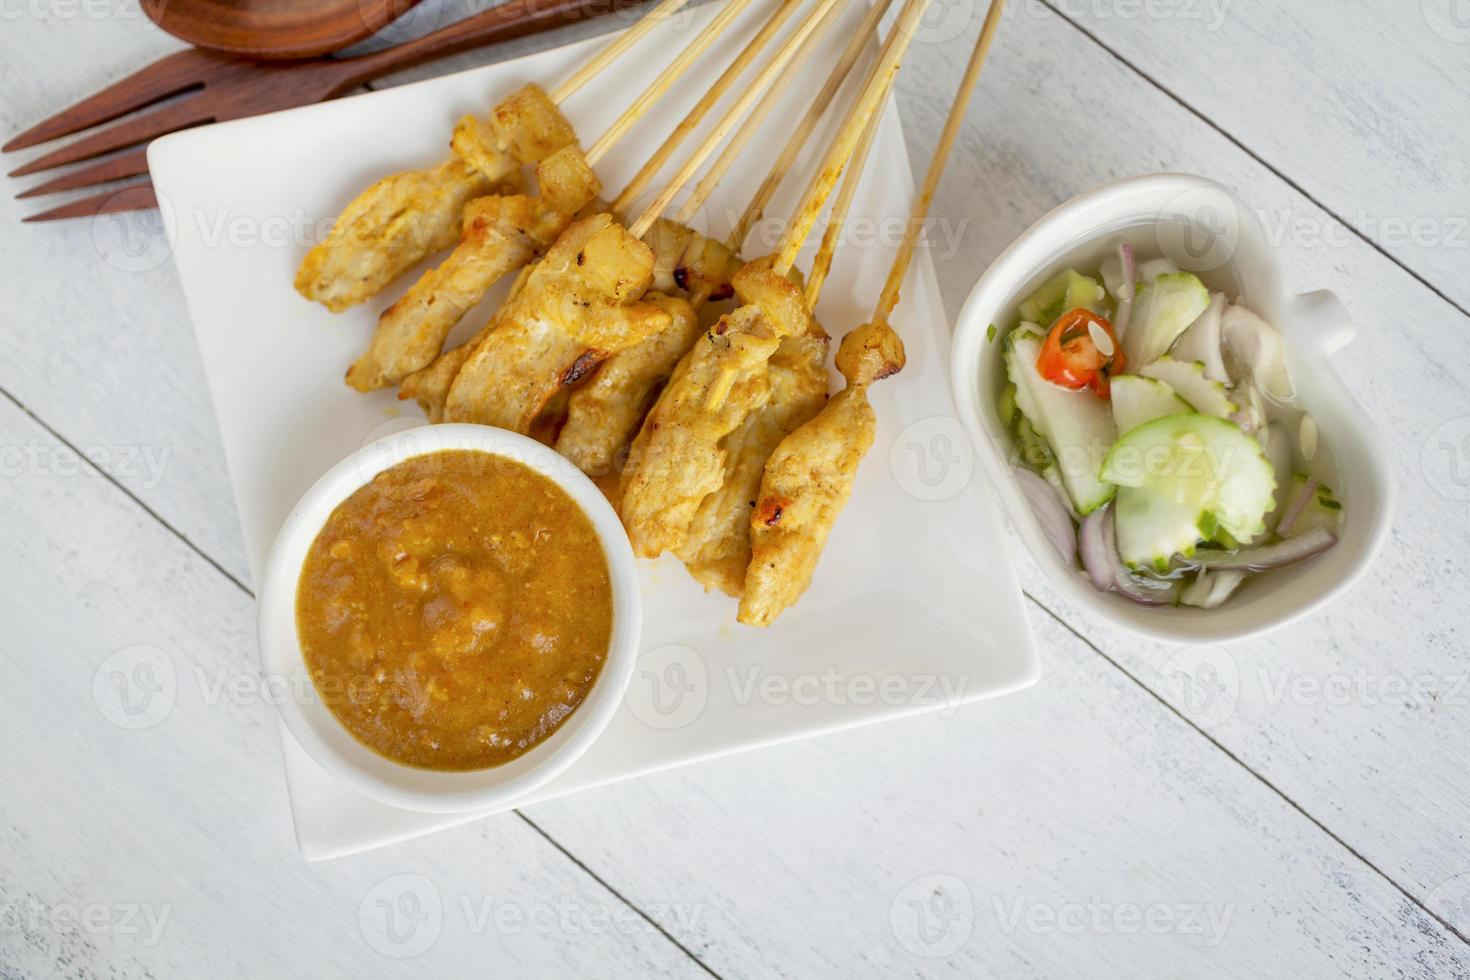 satay de cerdo estilo tailandés con salsa de maní foto